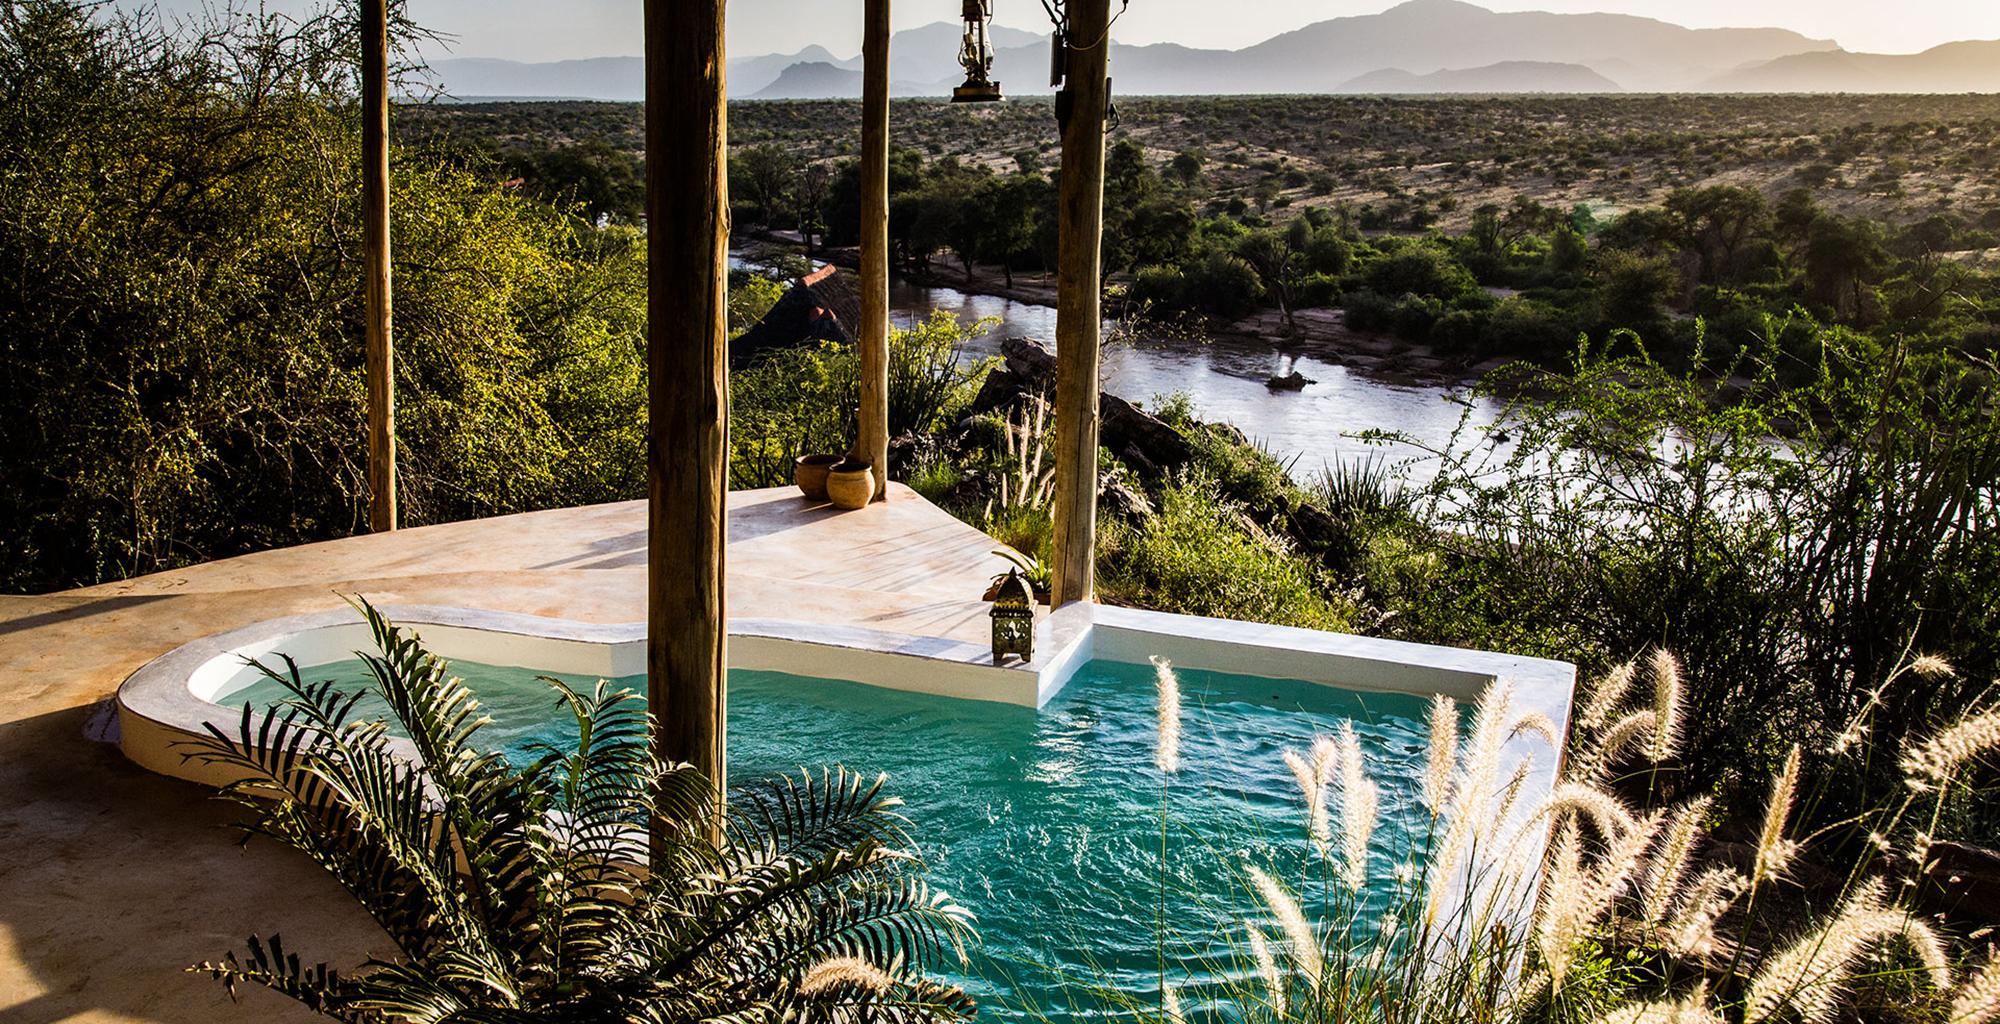 Kenya-Sasaab-Camp-Swimming-Pool